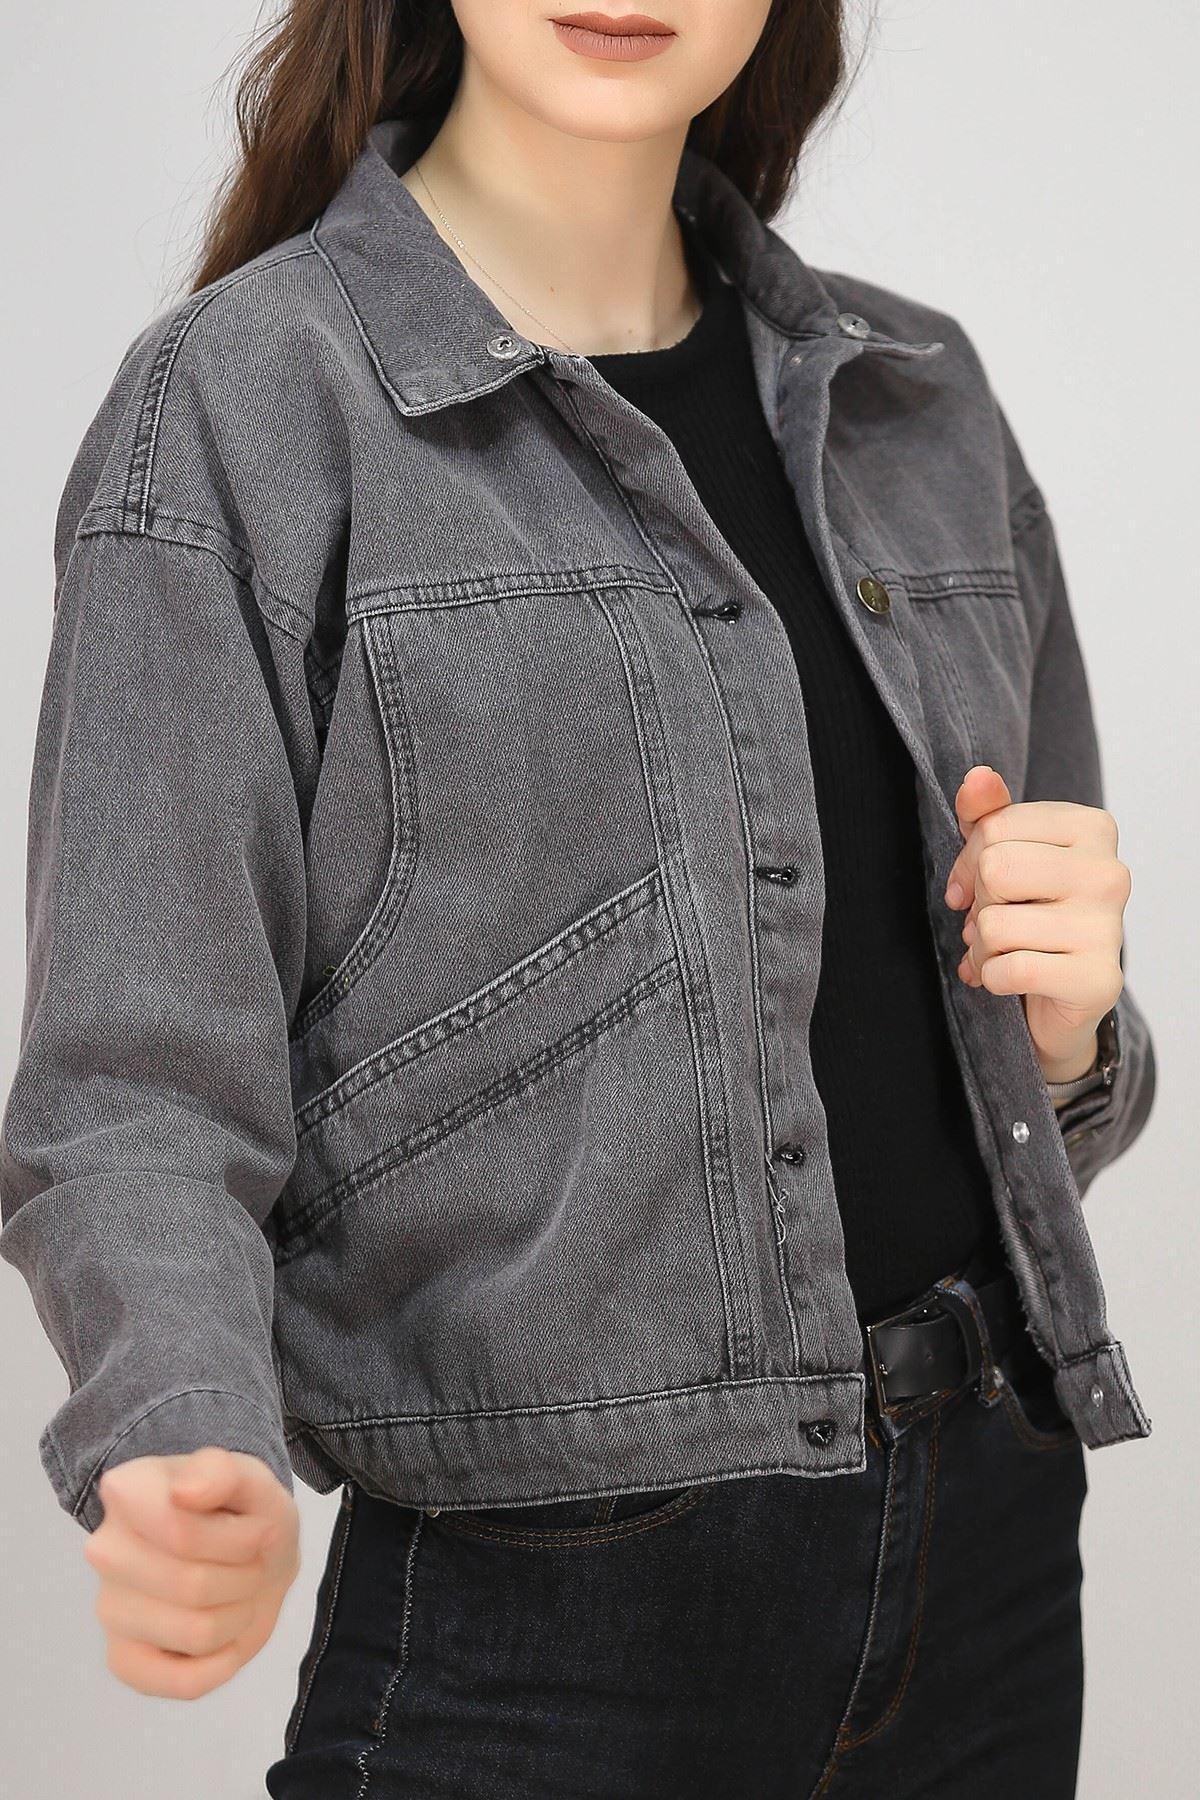 Kapşonlu Kot Ceket Füme - 4982.240.